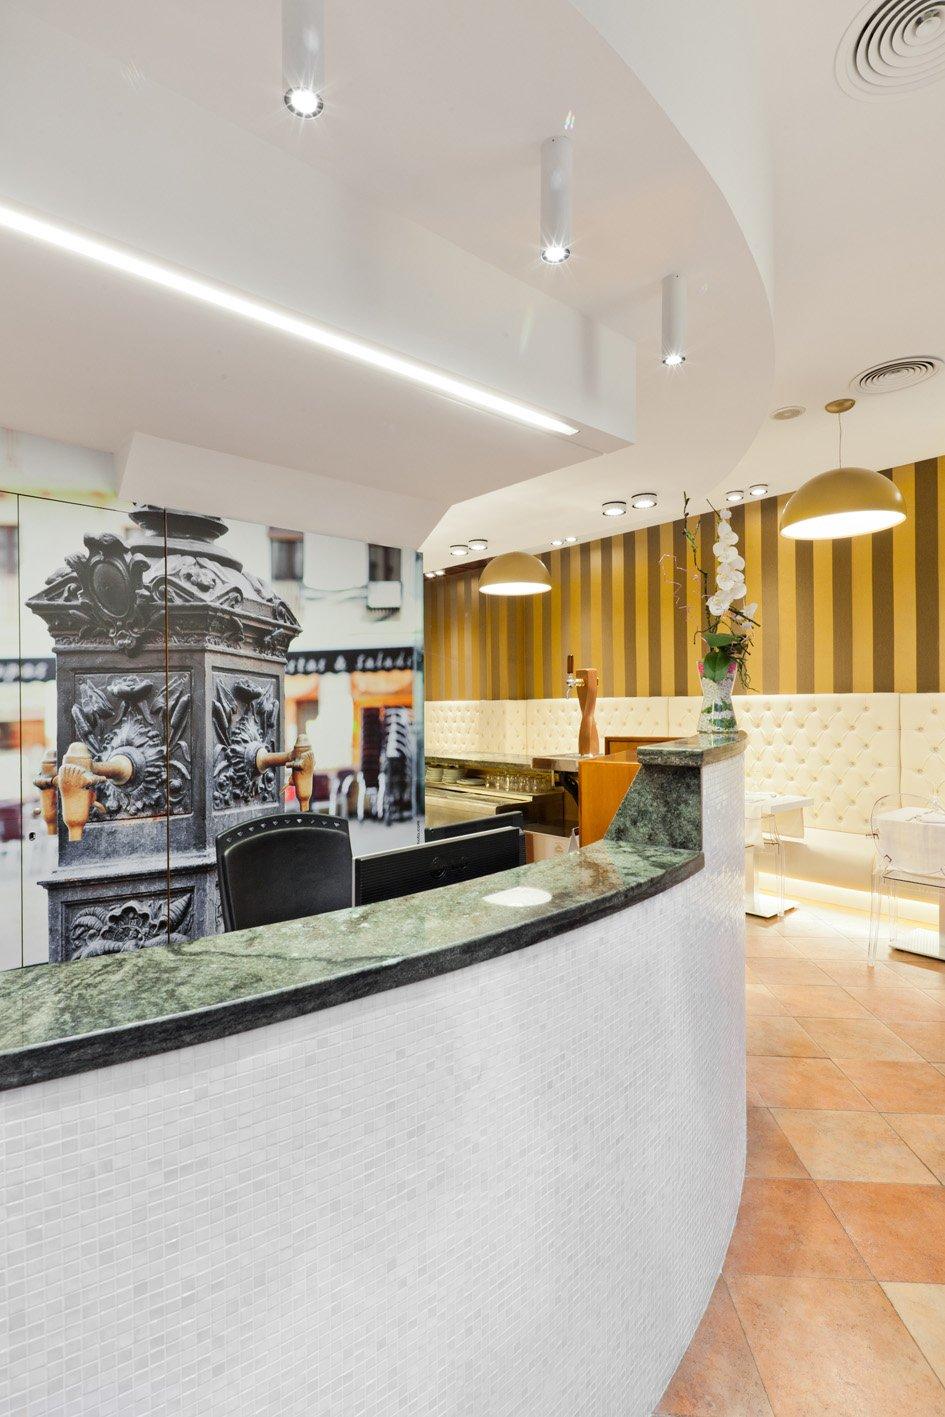 hotel_la_fontnombre_del_documento_30-9b3936c3cbc178d4a3b62f1248468a0e